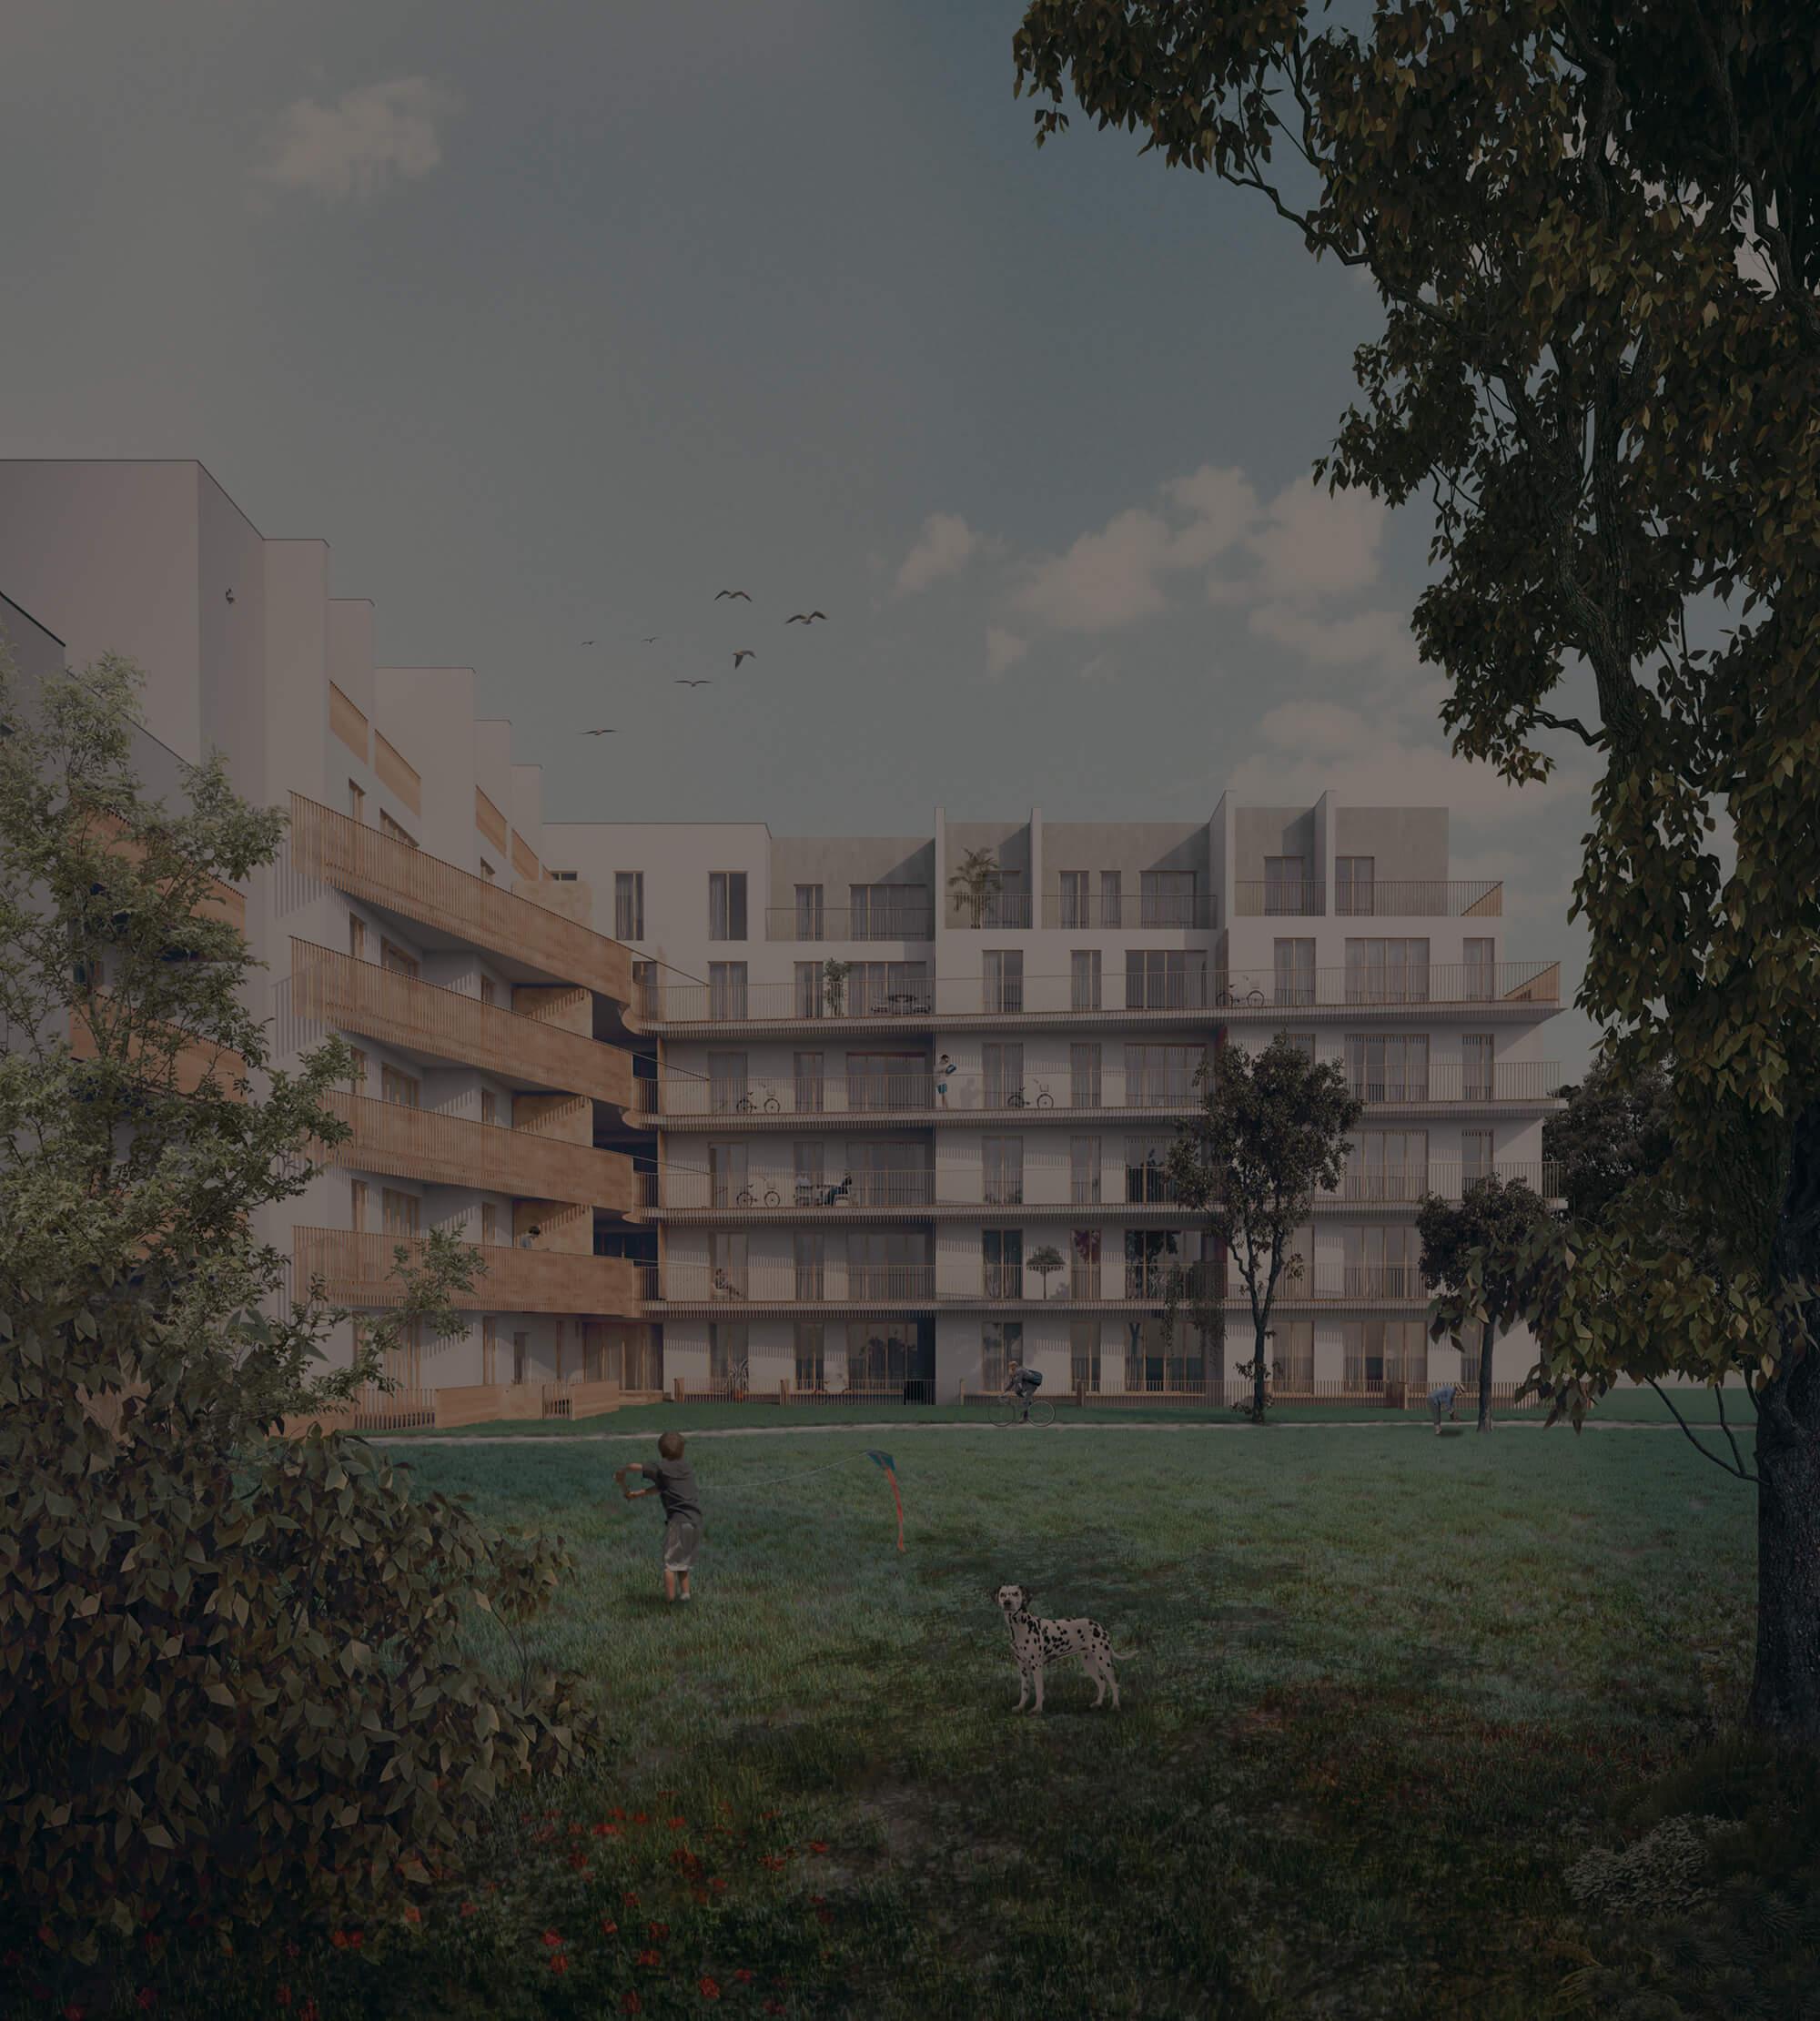 Numărătoarea Finală Va însuma O Colecție De 75 Apartamente Printre Care Vom Putea Aminti Cu 2 și 3 Camere Pre Duplexuri